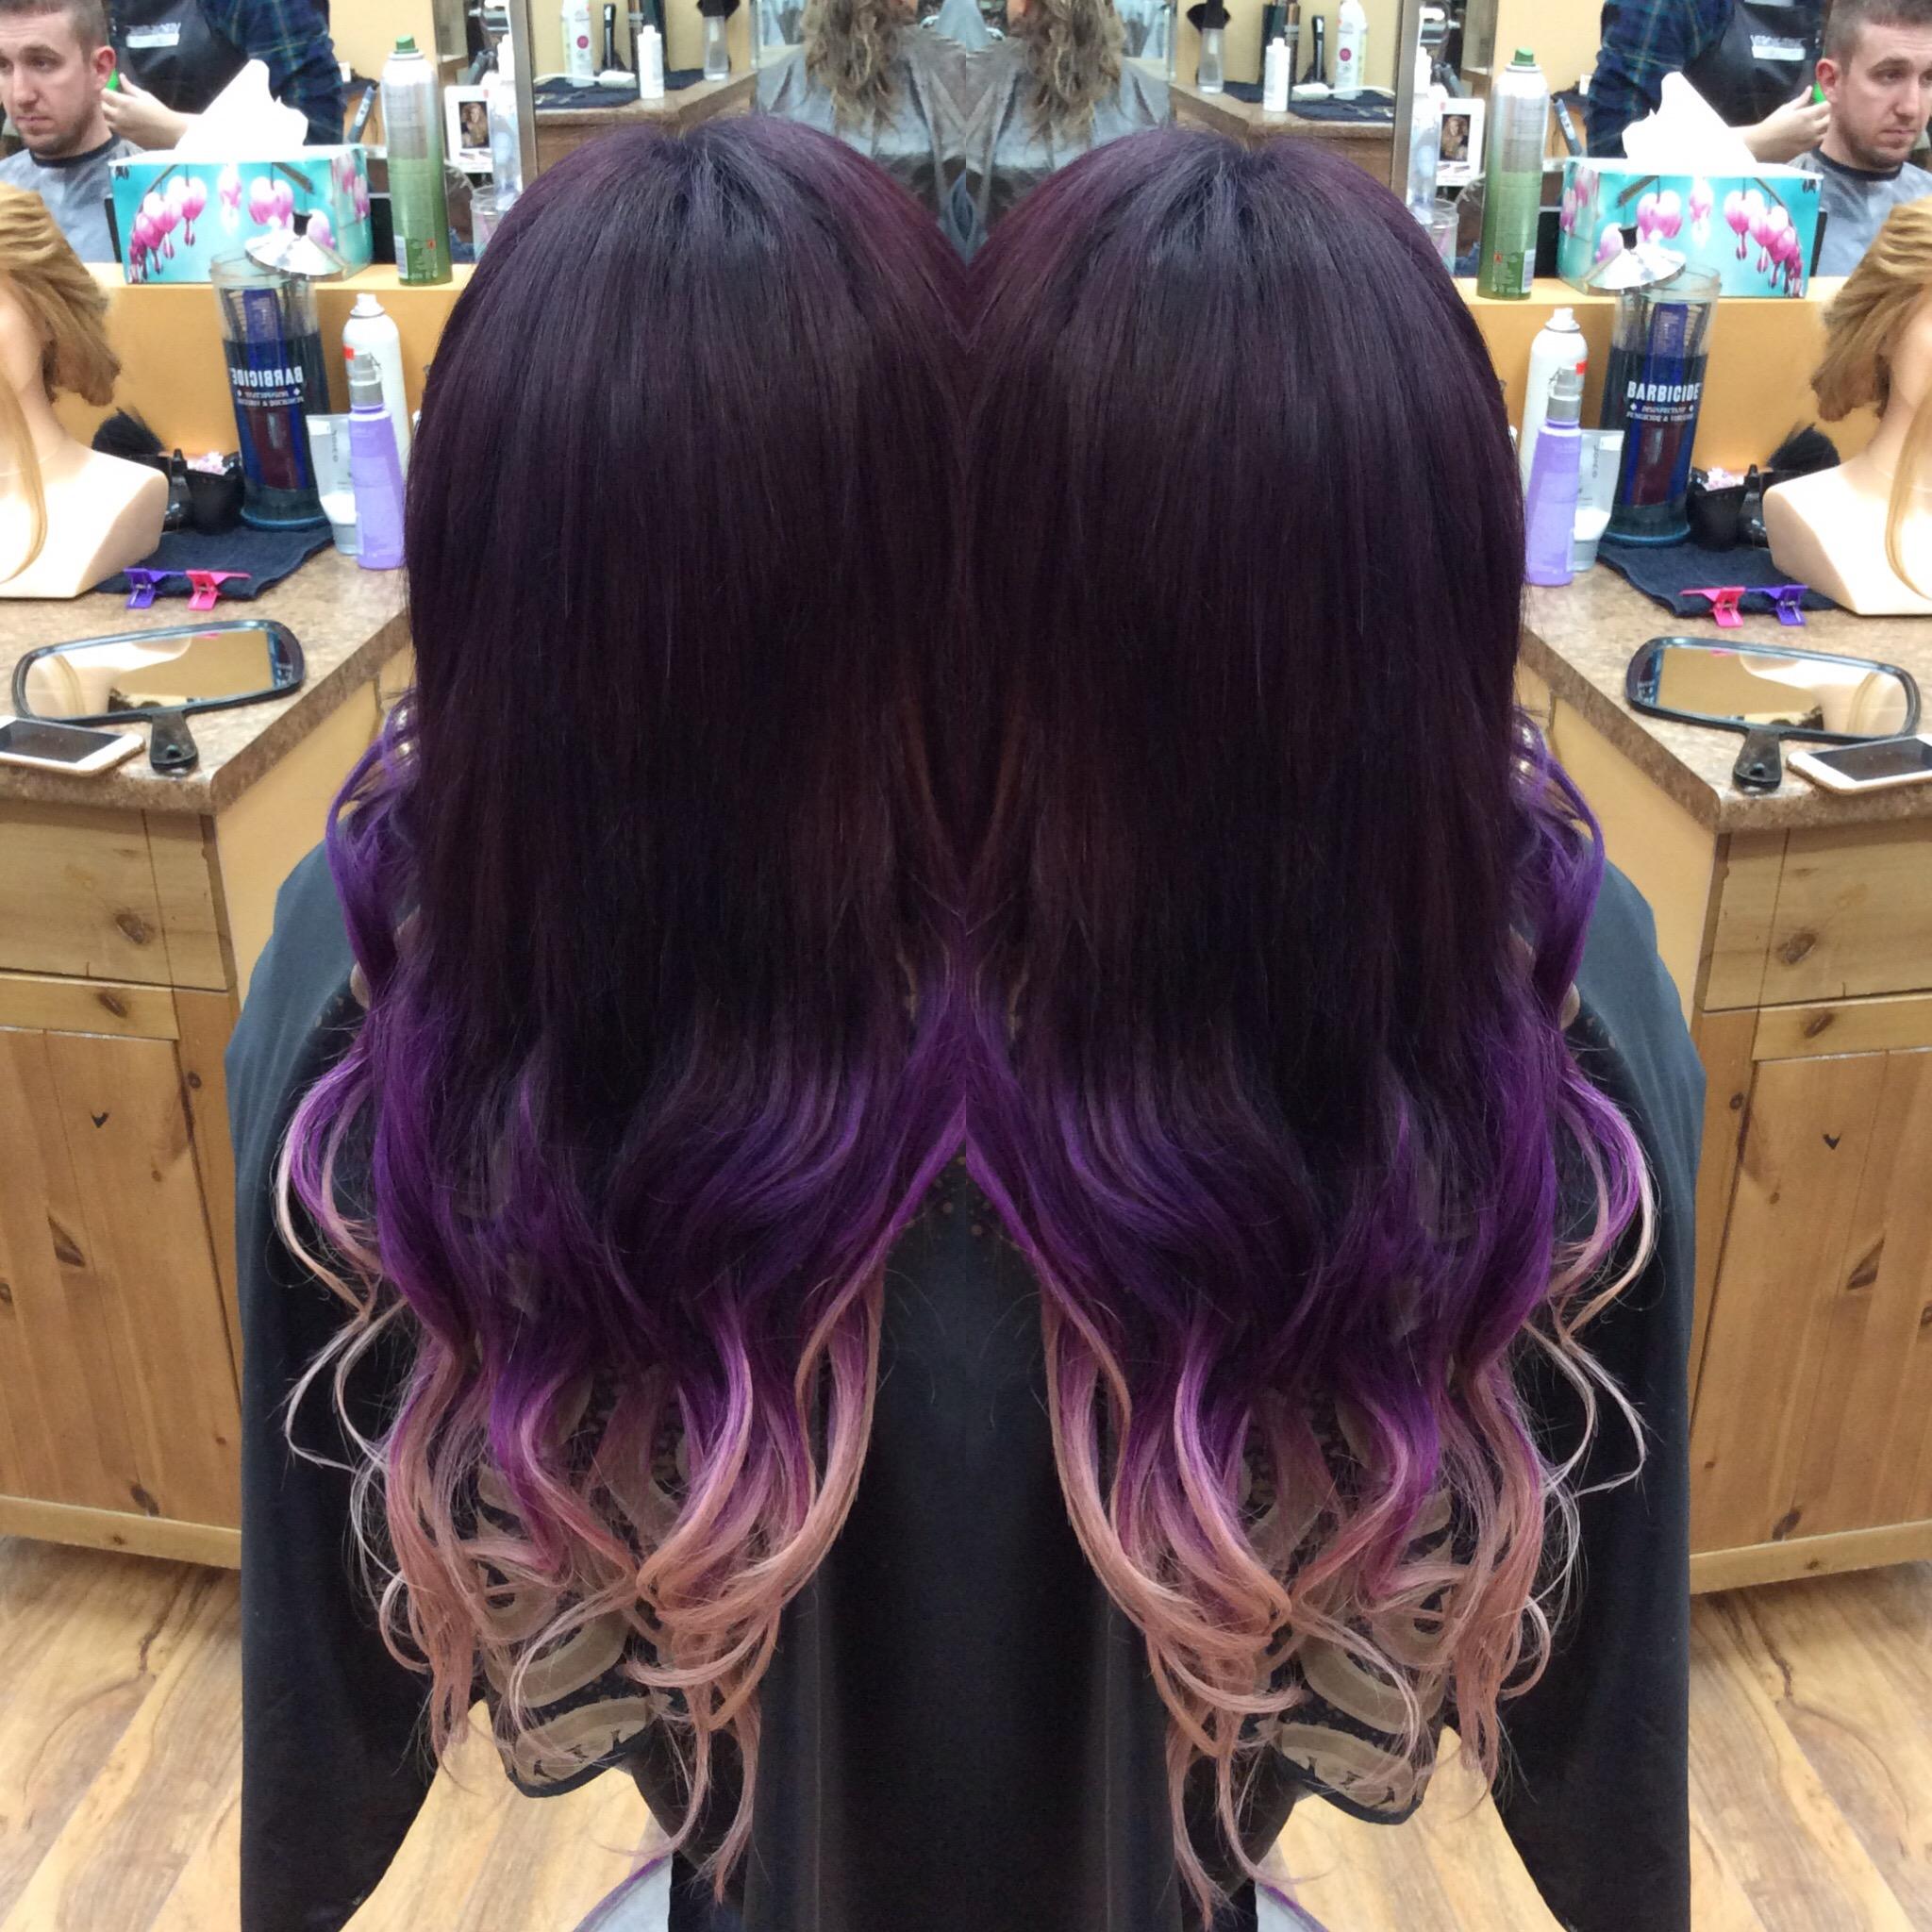 Purple pink hair style at Hairstyle Inn Saskatoon